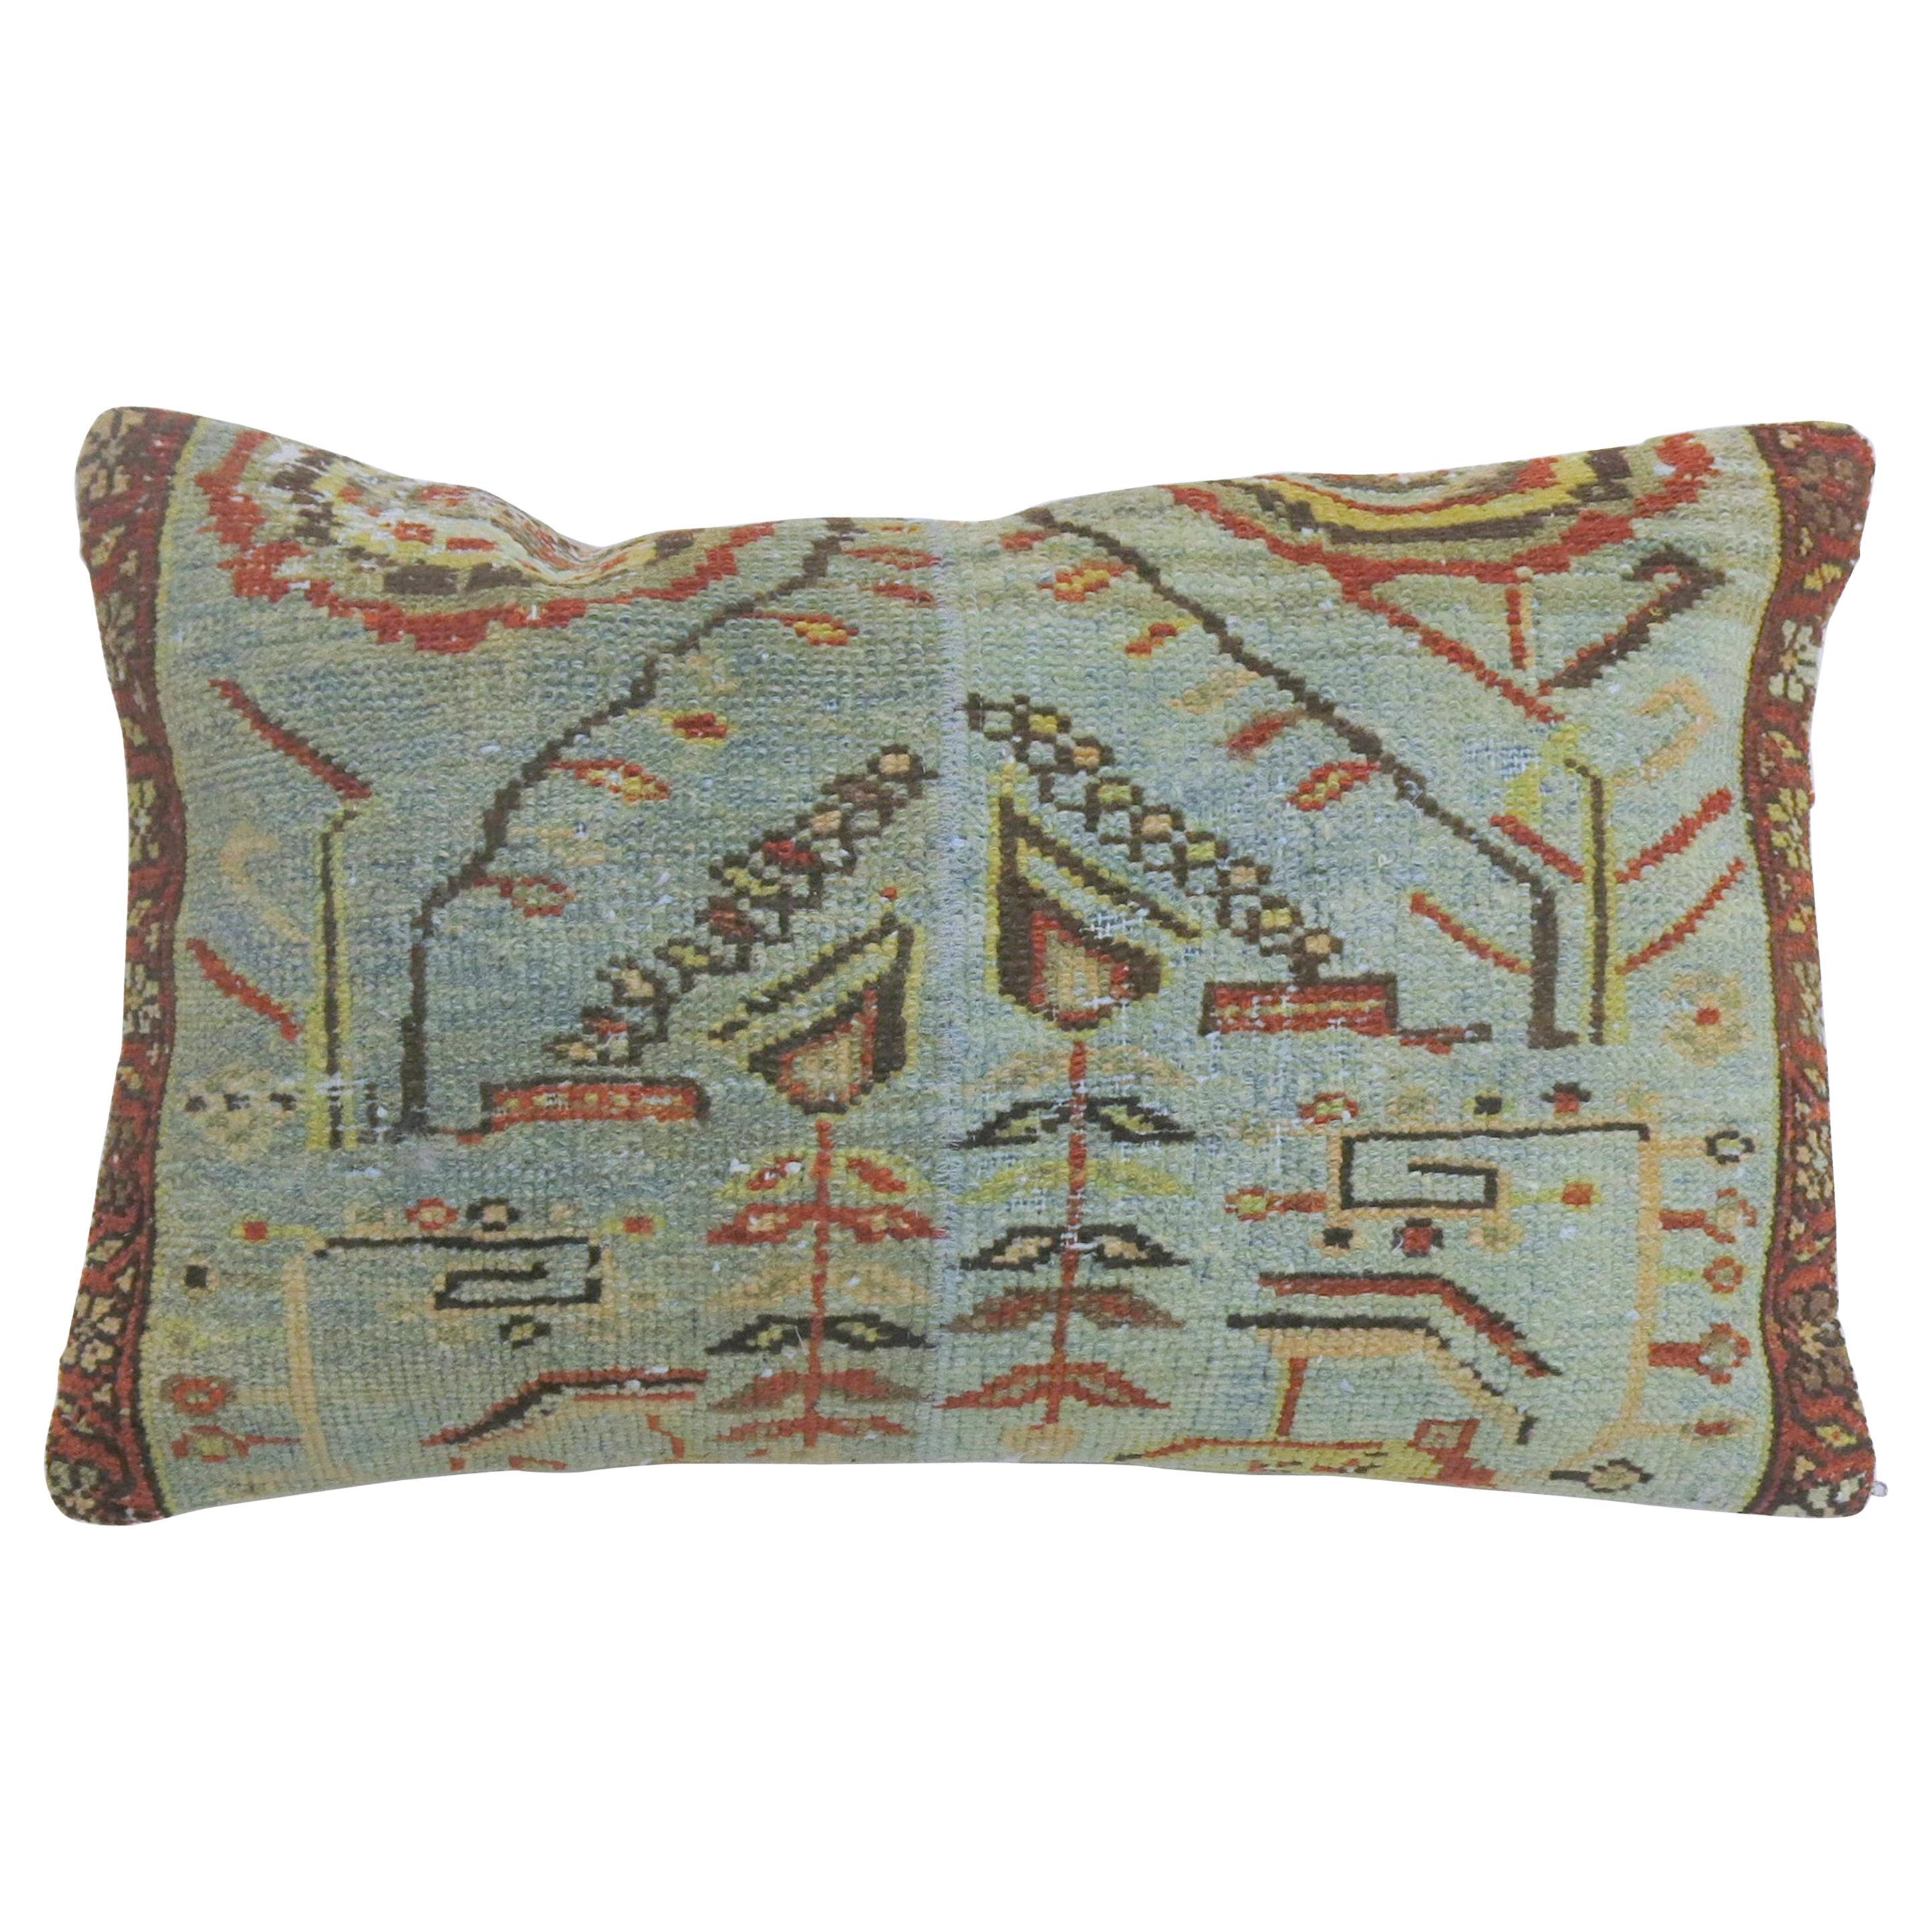 Large Light Blue Persian Rug Pillow